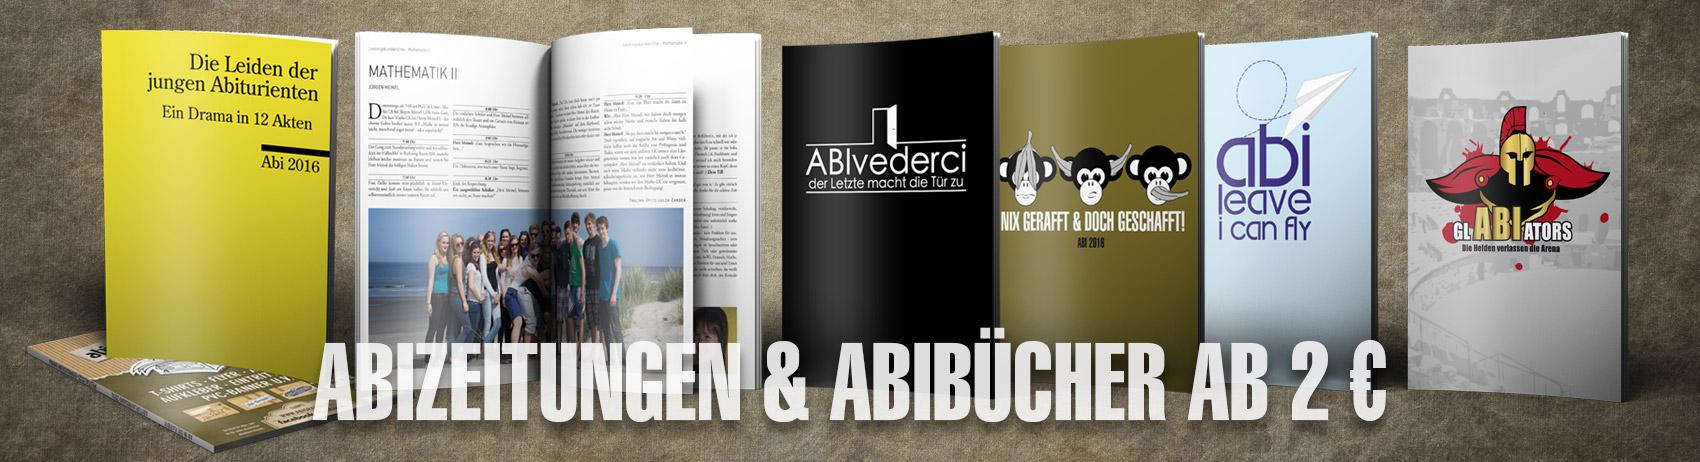 Angebot: Abizeitungen günstig drucken bei abigrafen.de